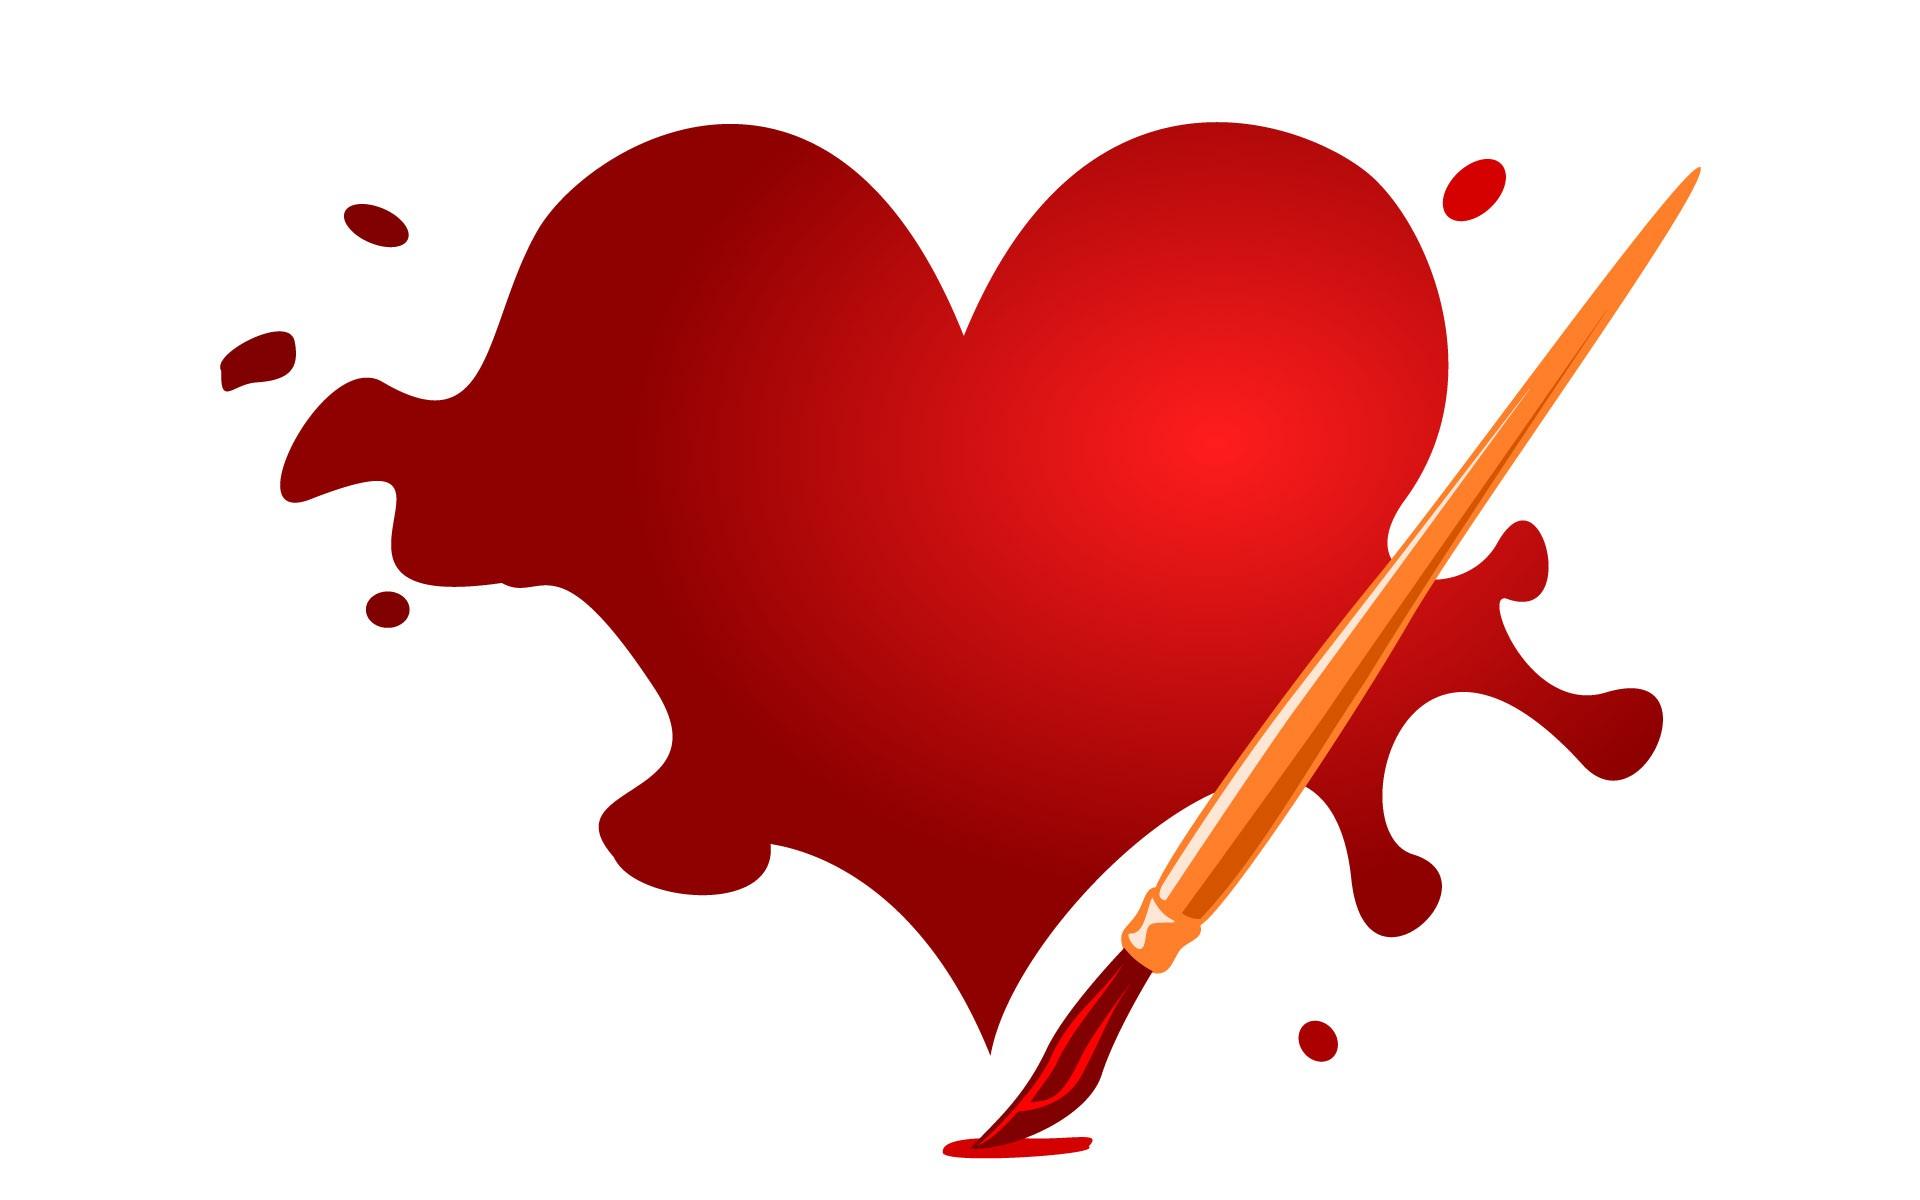 Pintando un corazón - 1920x1200